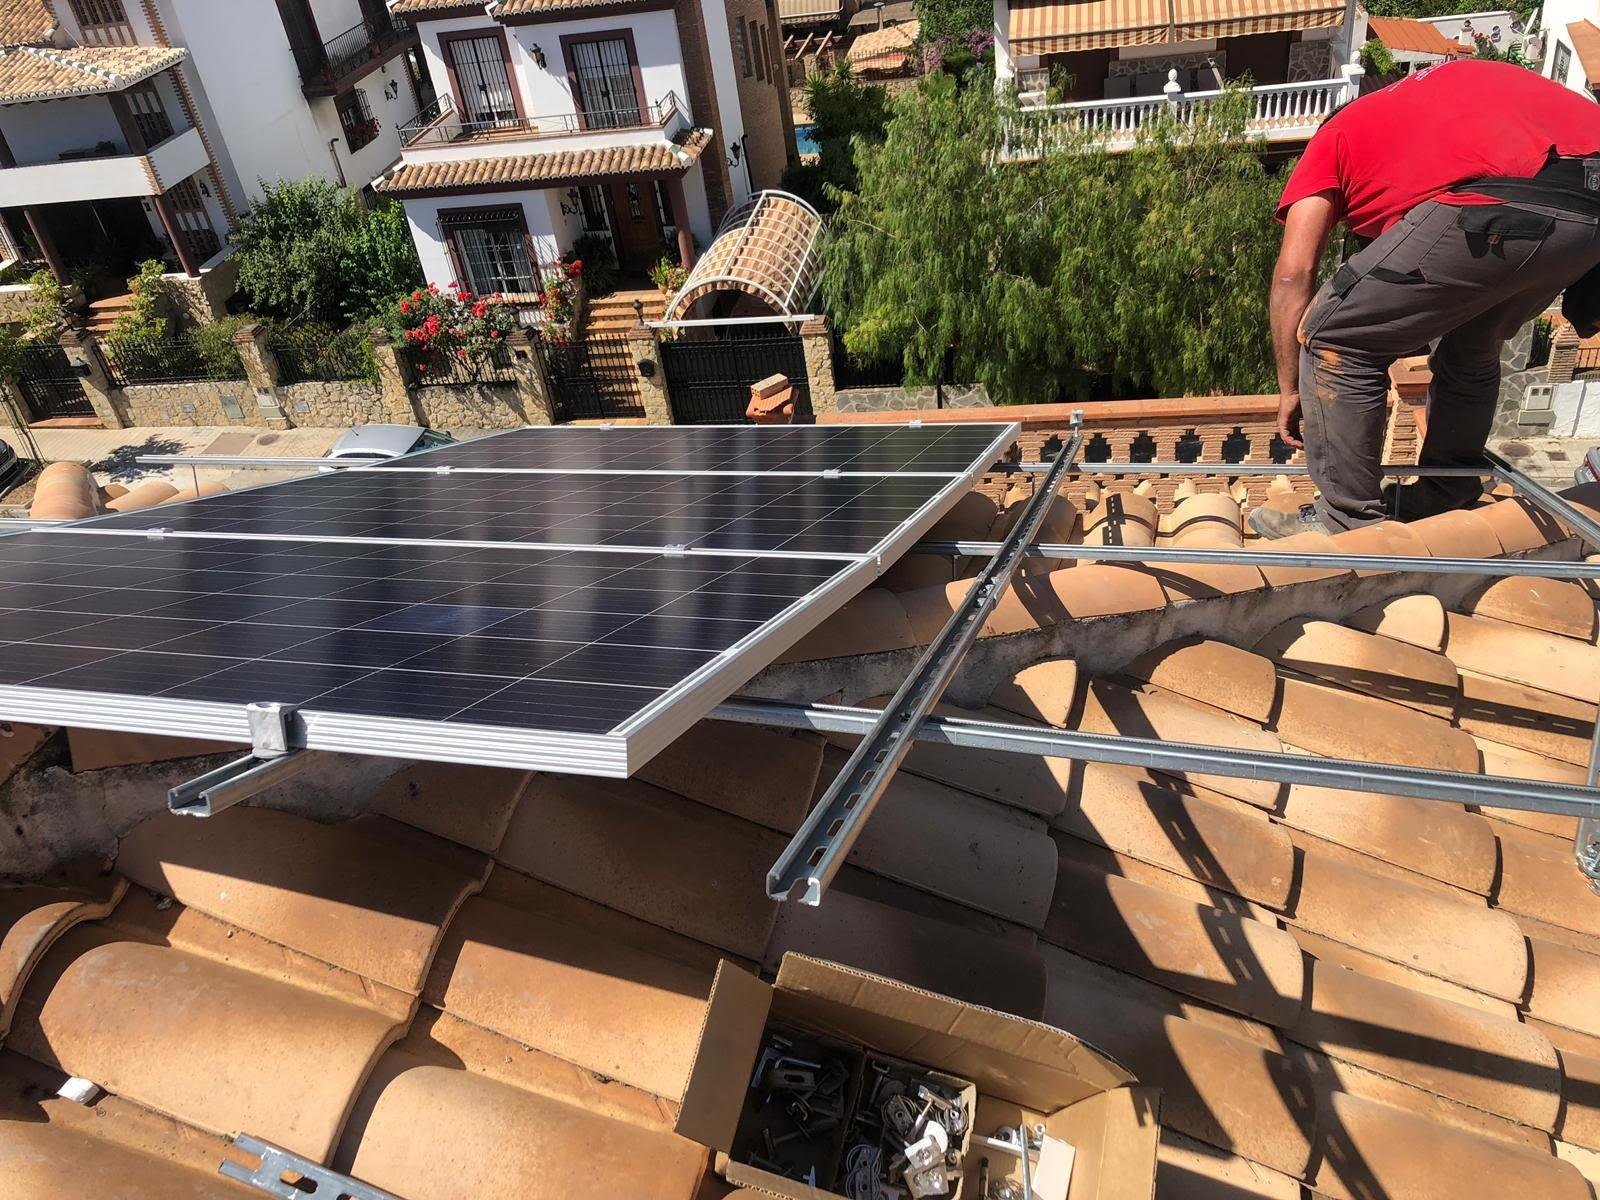 Instalación y mantenimiento de placas solares fotovoltaicas